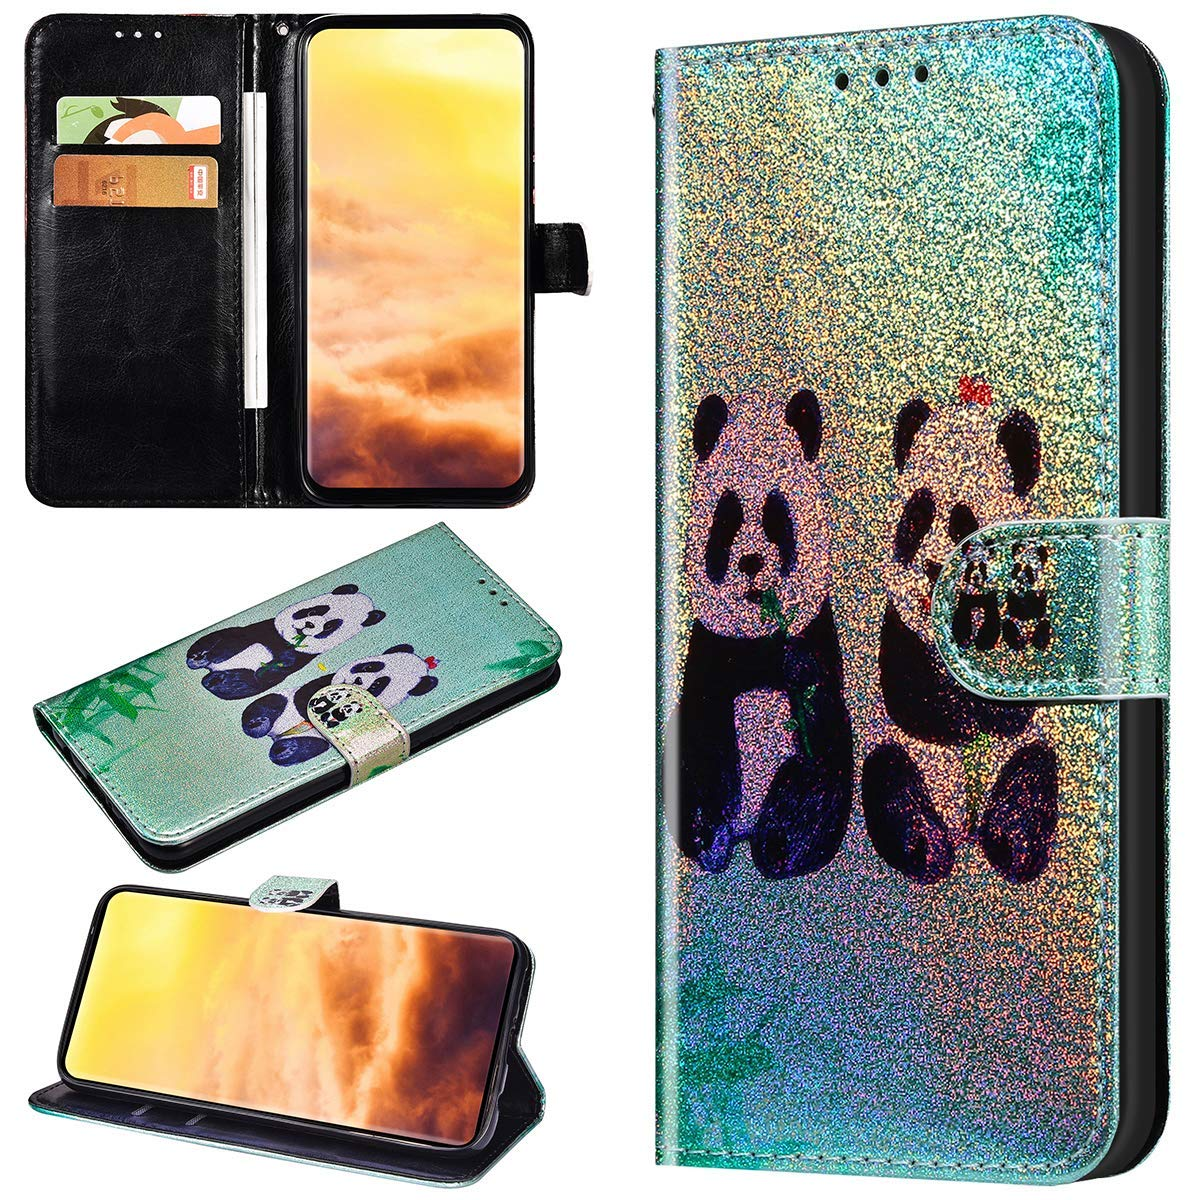 Robinsoni Funda Compatible con Huawei P20 Pro Funda Libro Billetera Funda Reflejo de Luz Cuero Kickstand Funda Animal Impreso Cartera en Silicone Funda Flip Brillar Lujo Vistoso 360 Grados Funda Panda